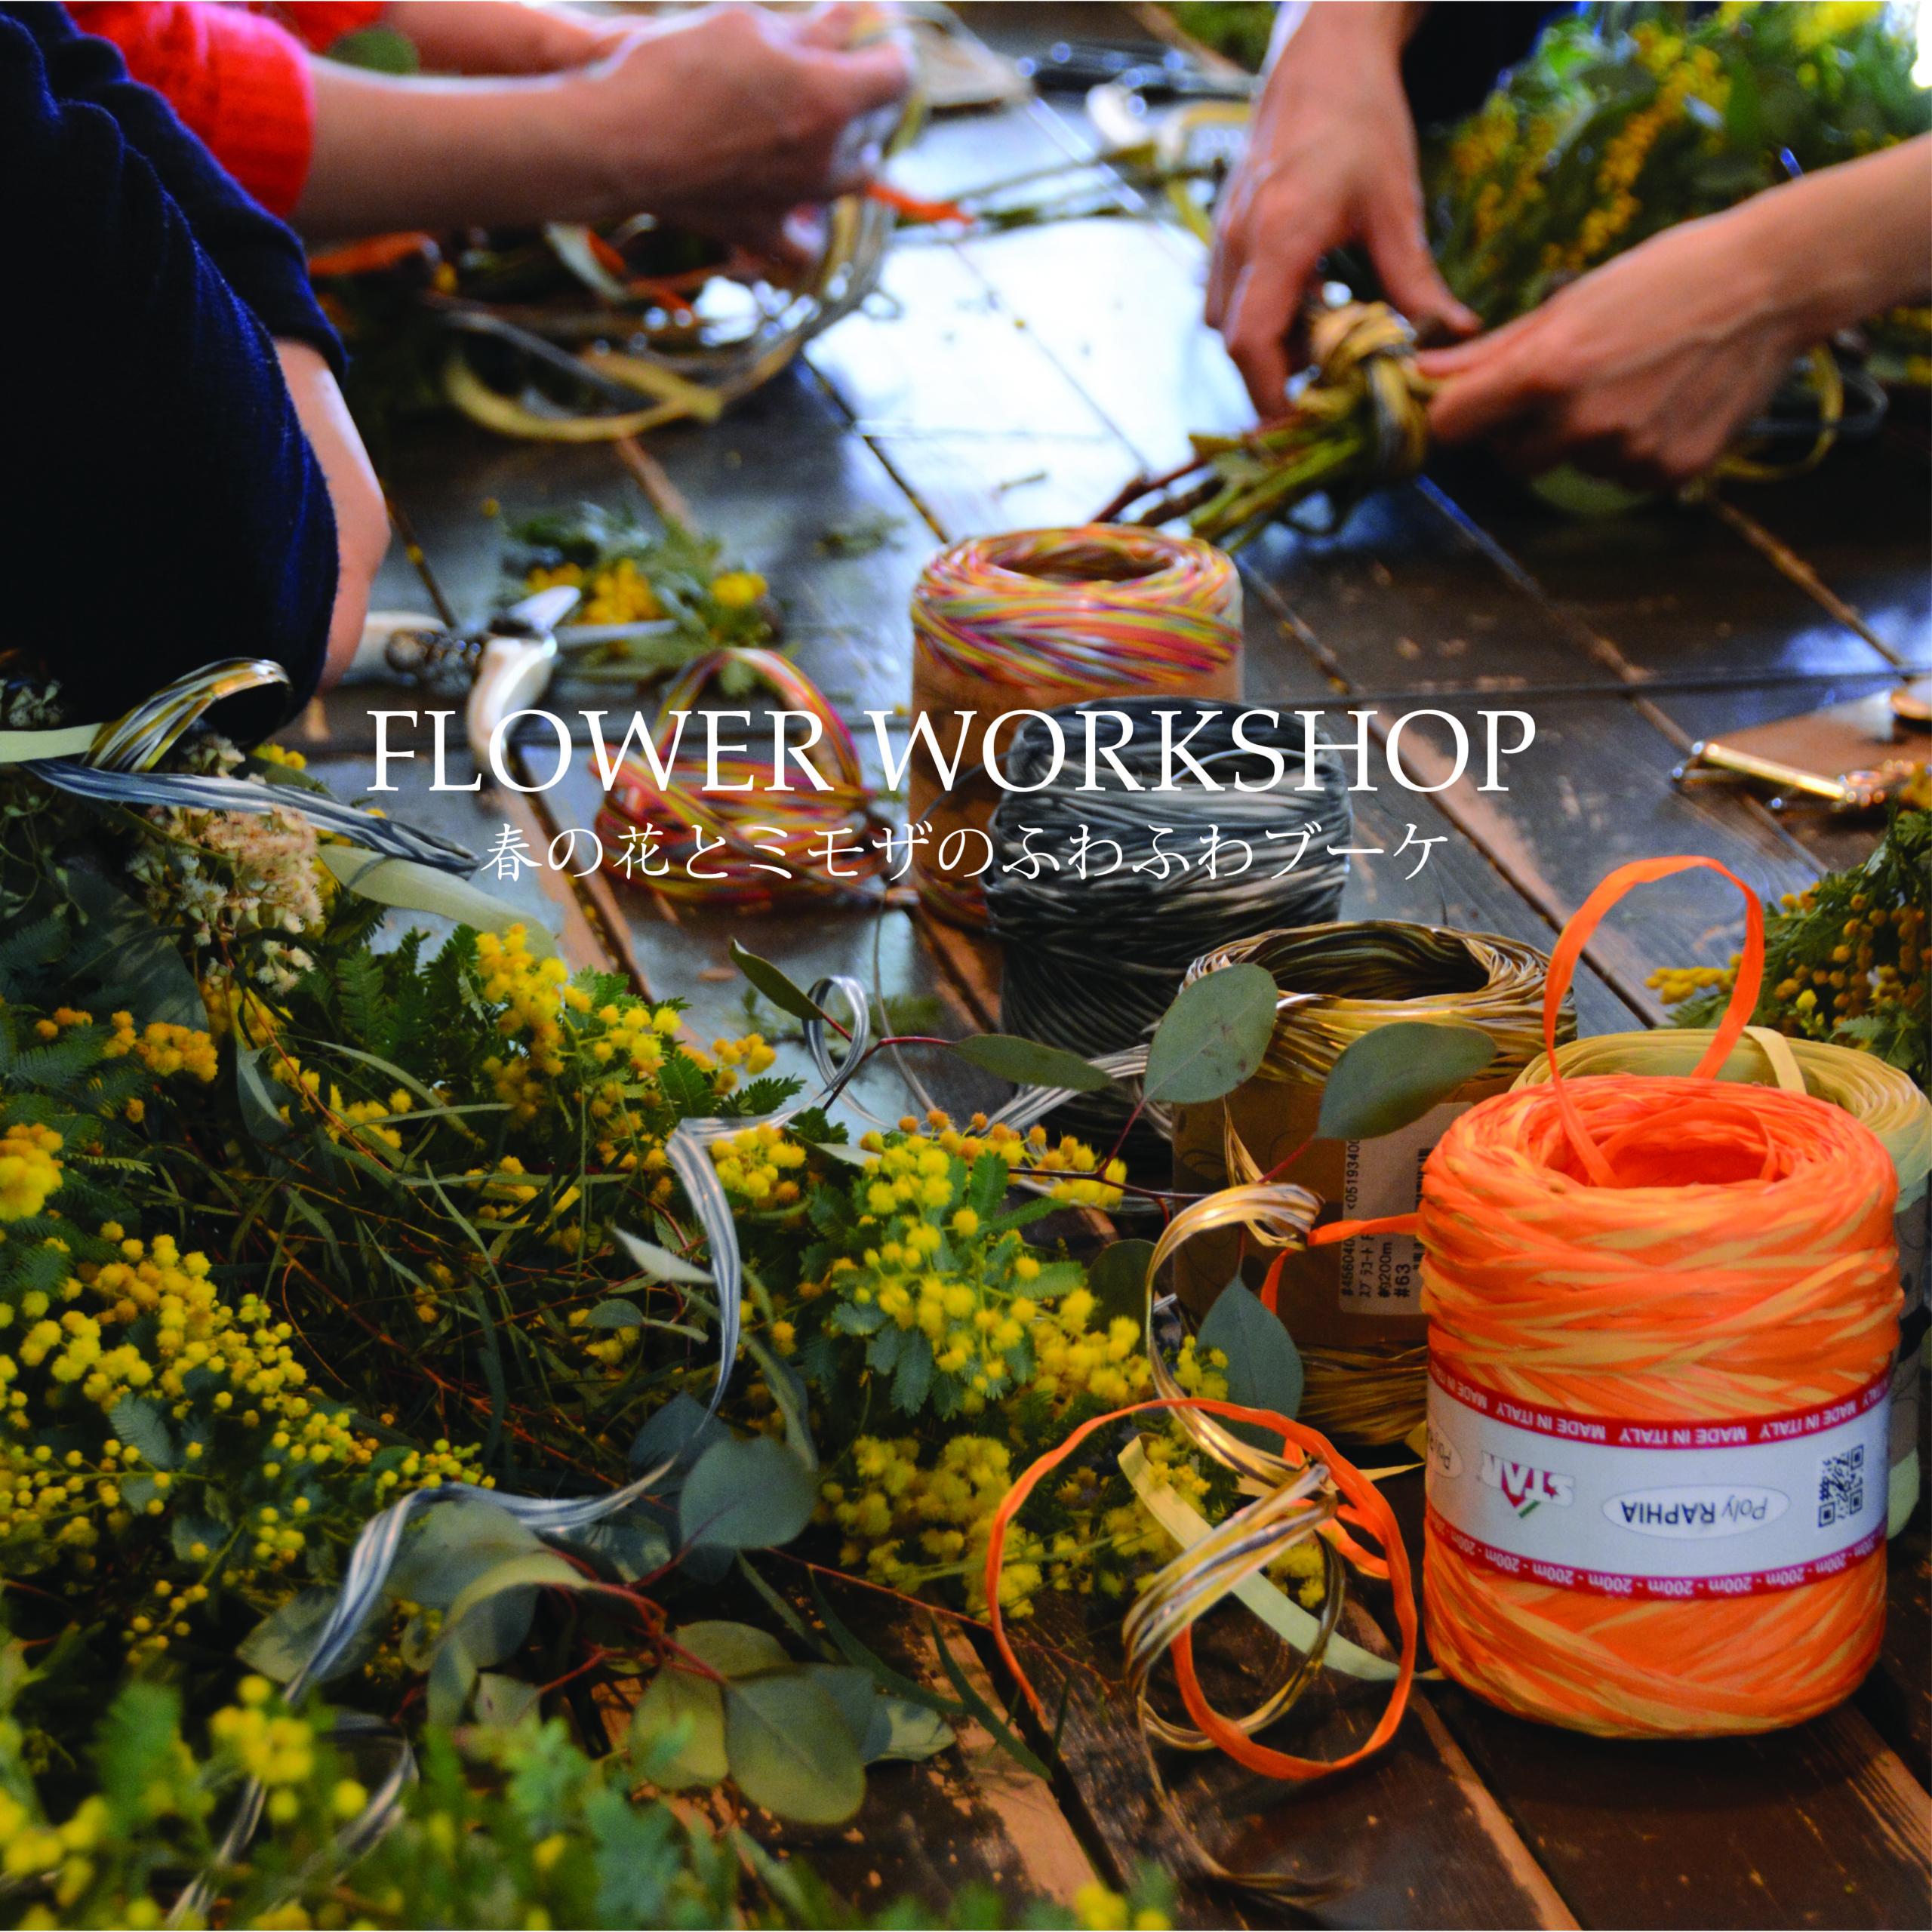 ワークショップ-春の花とミモザのふわふわブーケ-